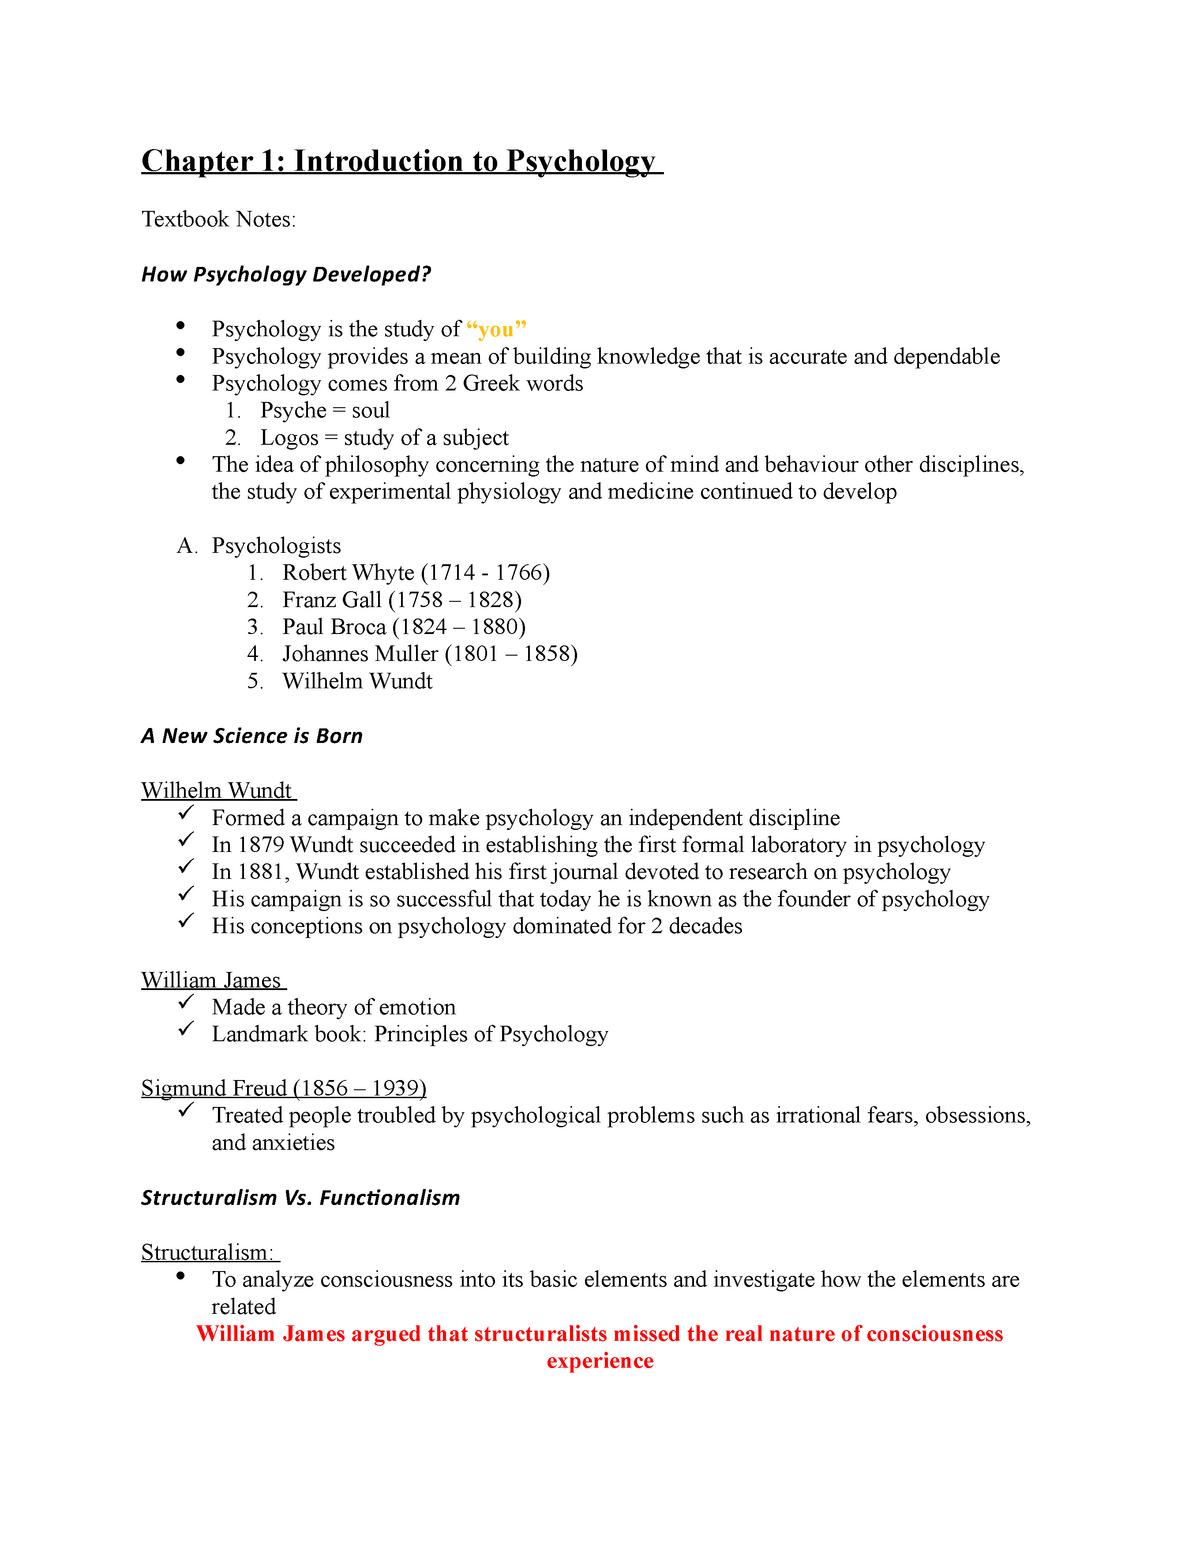 Chapter 1 - Introduction to Psychology - PSYC 1010 - StuDocu